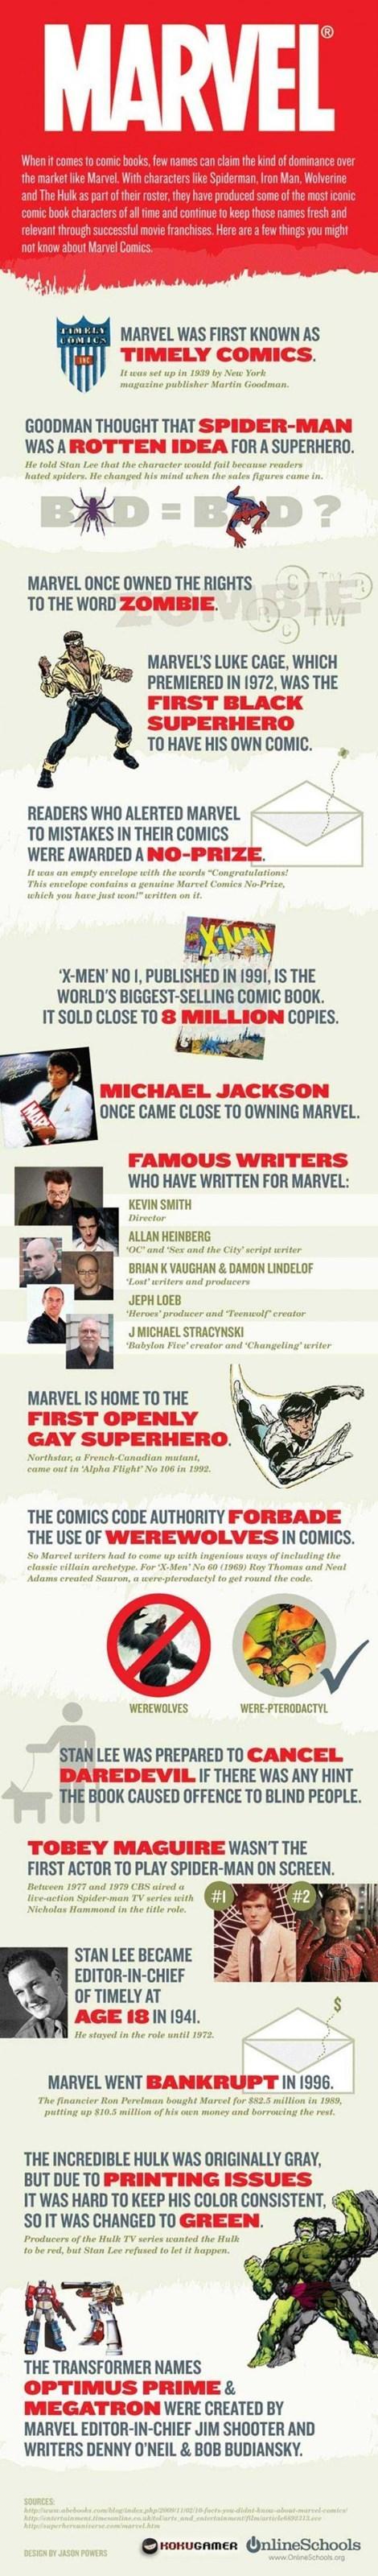 Marvel: A History